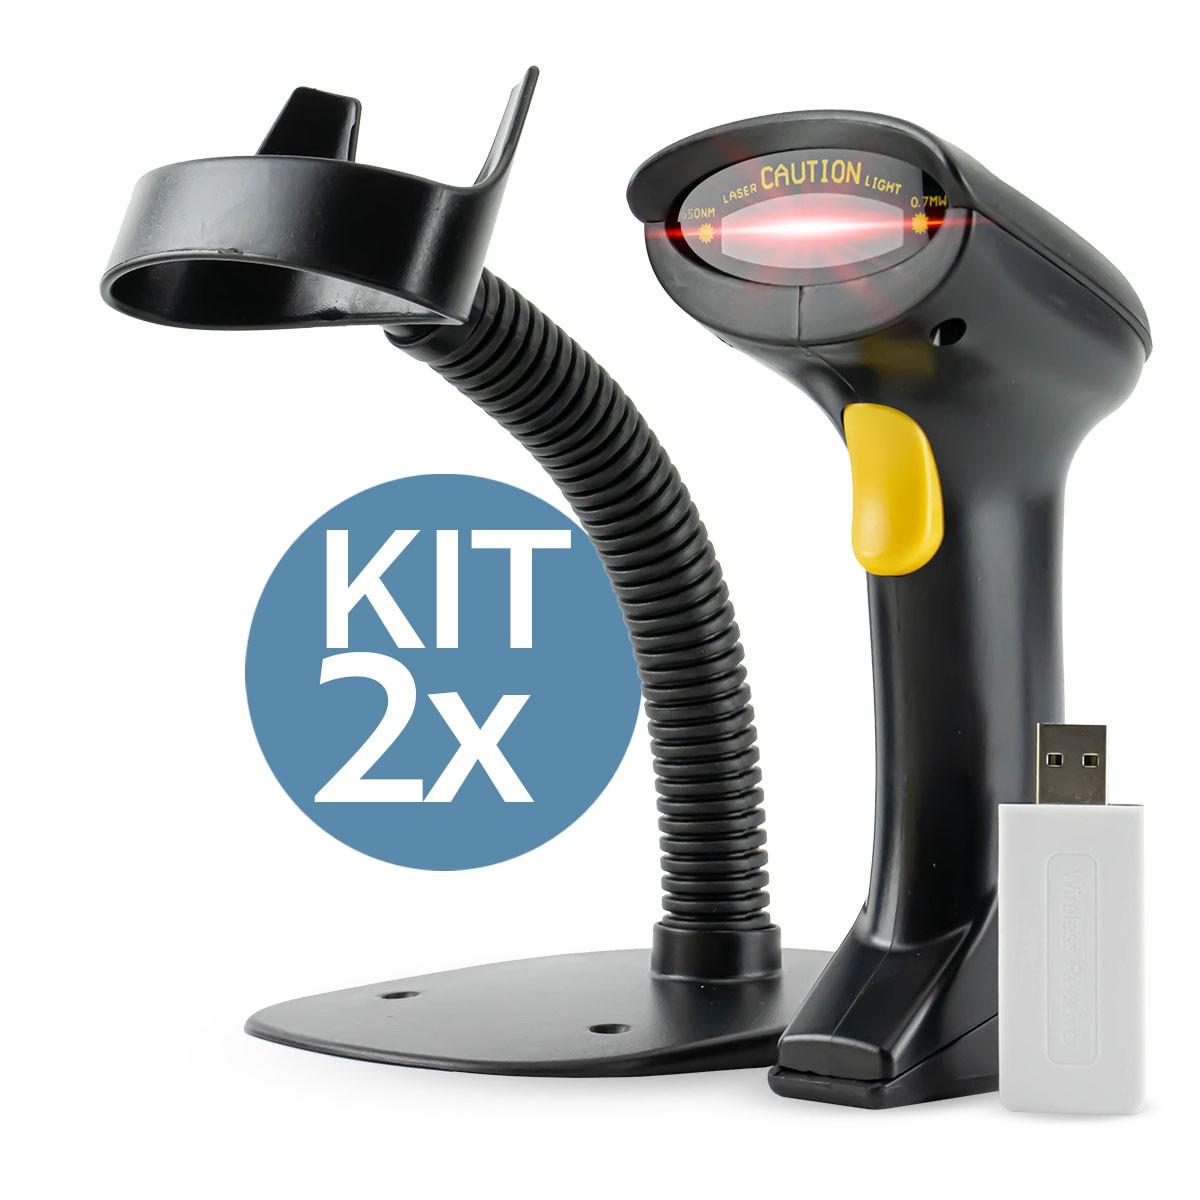 KIT 2x Leitor de Código de Barras Sem Fio B-Max LM-800